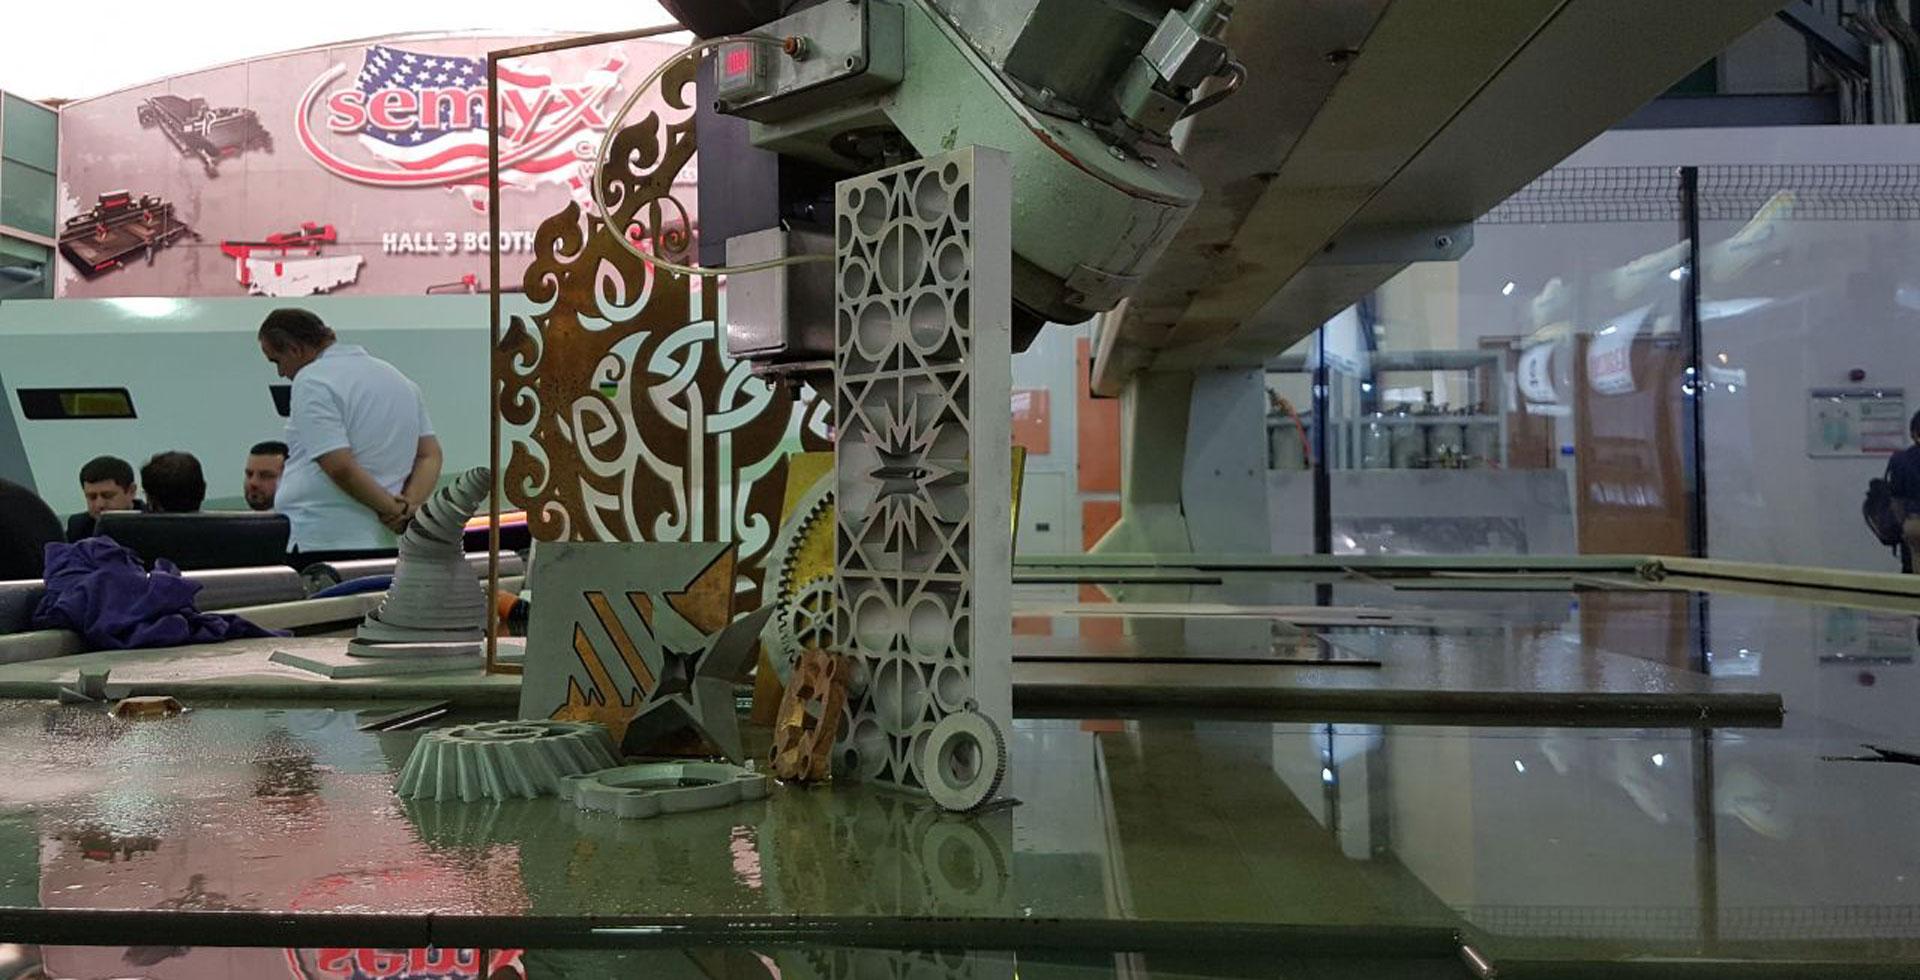 Intermac at Steelfab: a strategic presence